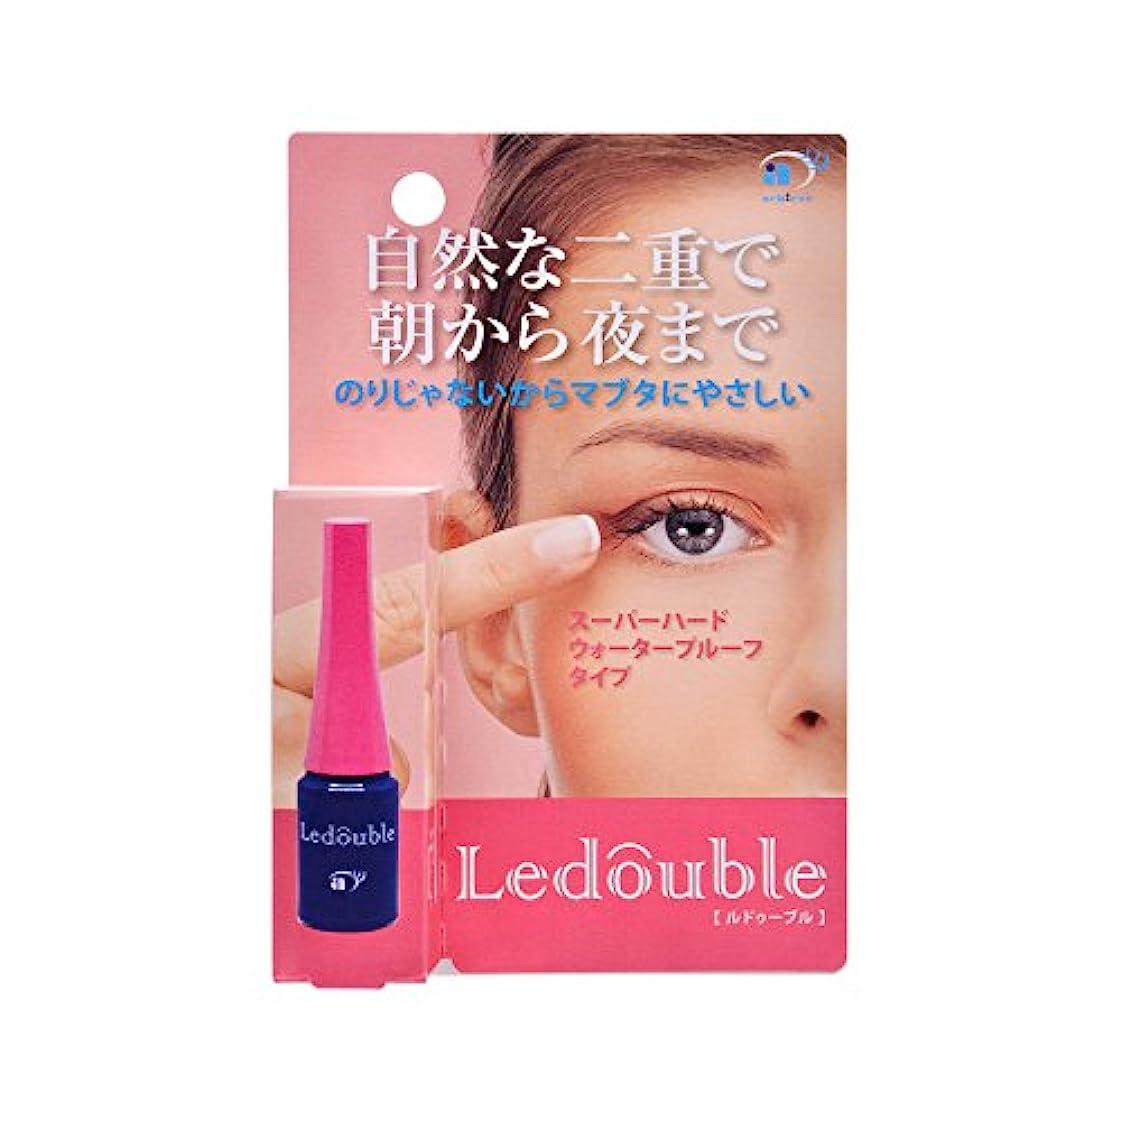 綺麗な流大通りLedouble [ルドゥーブル] 二重まぶた化粧品 (2mL)